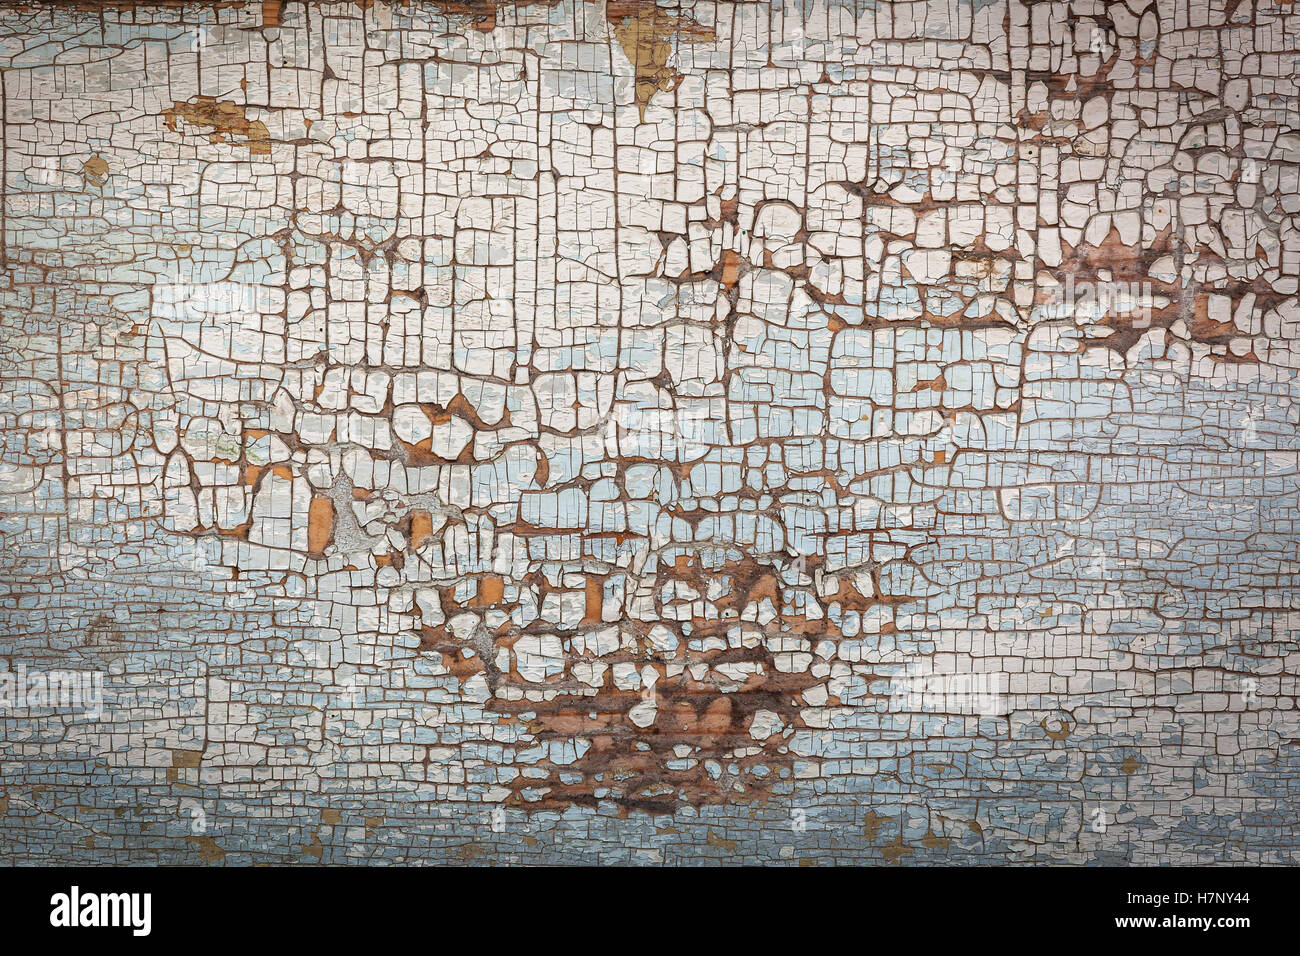 La pelatura di vernice sul muro vecchio muro texture for Vernice muro